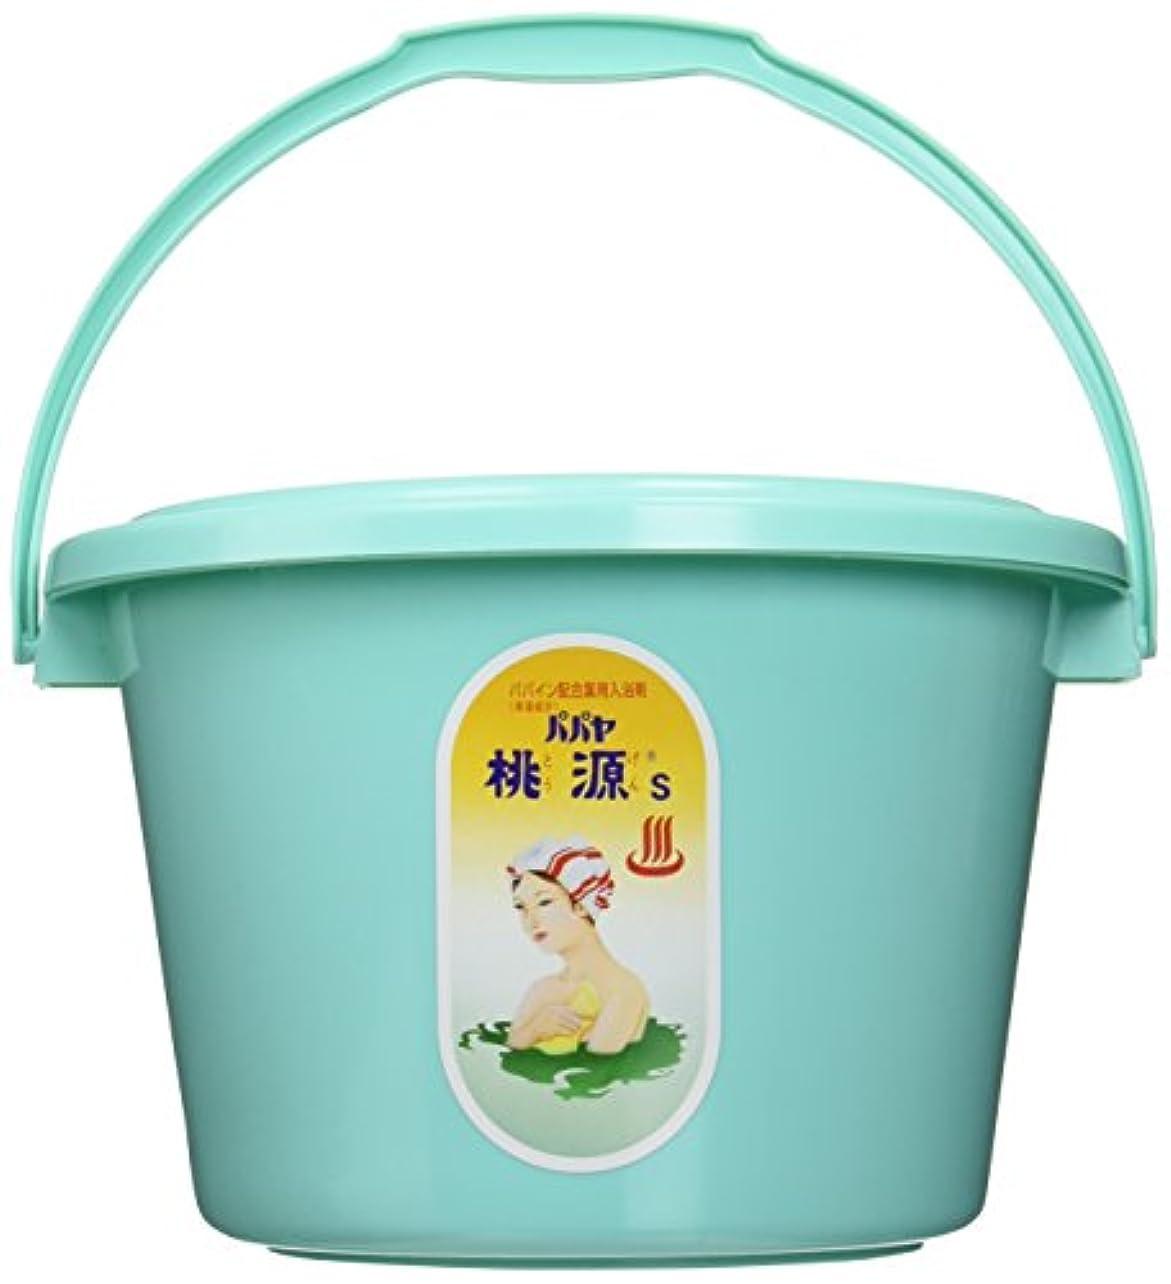 ブランデーボウル言い訳五洲薬品 パパヤ桃源Sバケツ 4kg [医薬部外品]